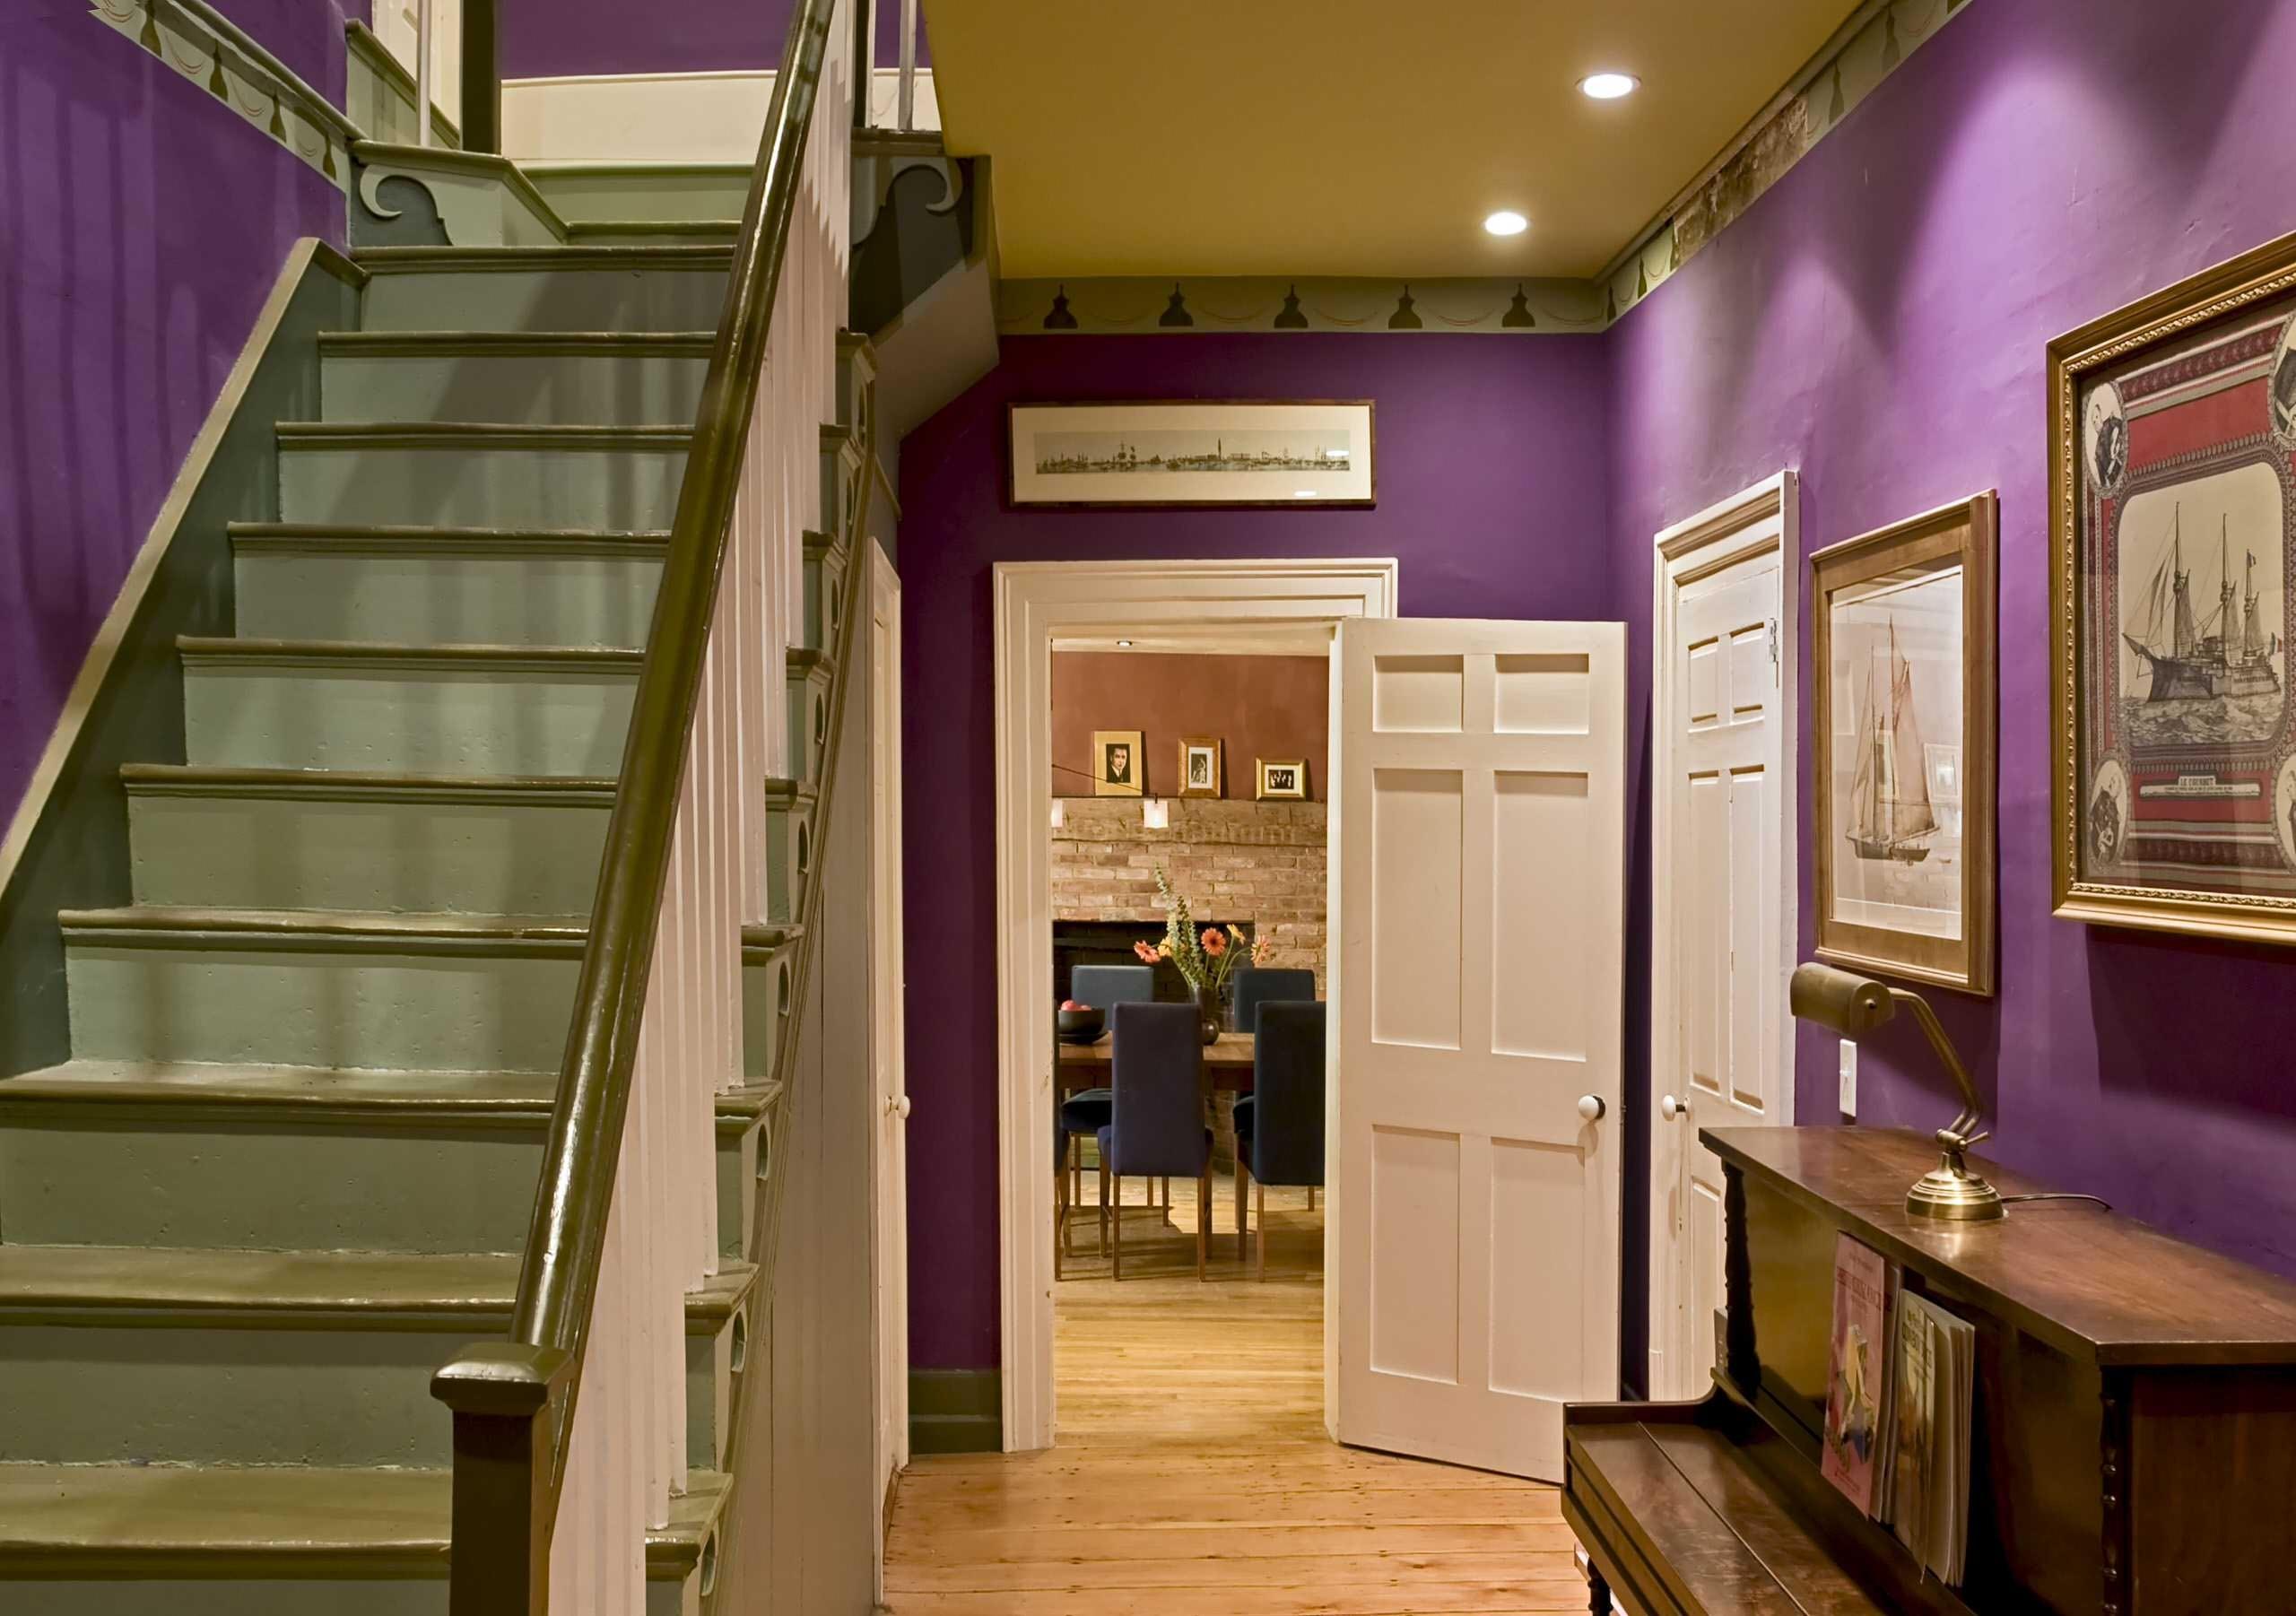 ديكور مدخل البيت - مدخل منزل بالأبيض والبنفسجي